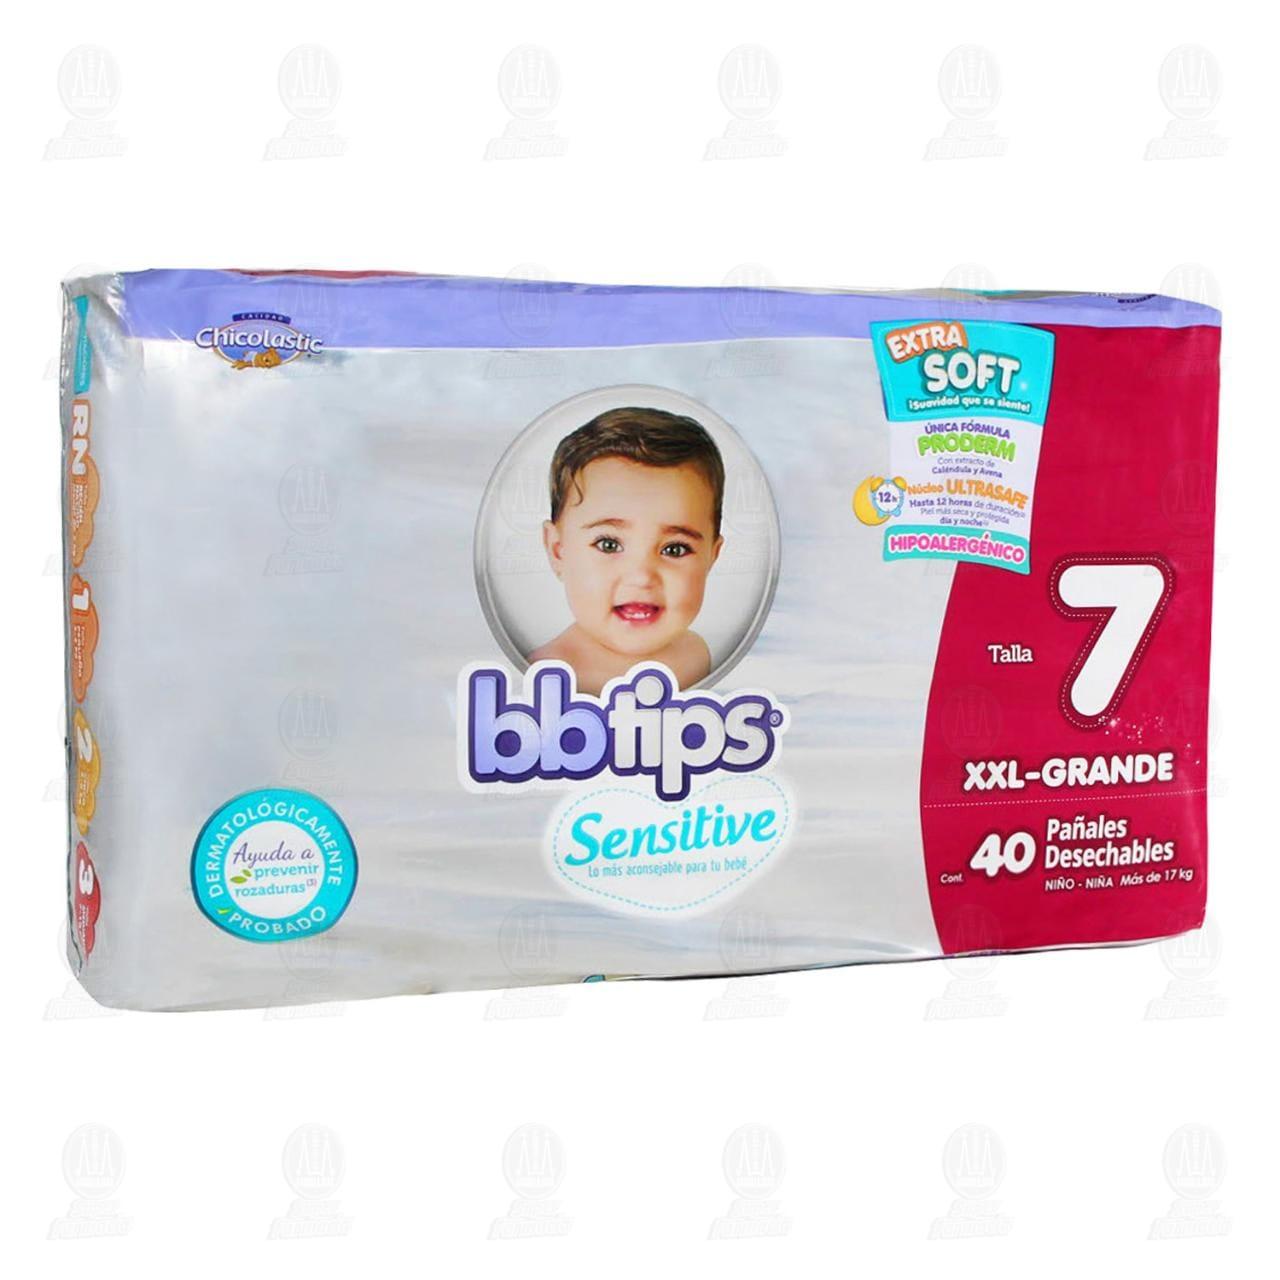 Comprar Pañales para Bebé Bbtips Sensitive Desechables Talla 7 XXL, 40 pzas. en Farmacias Guadalajara